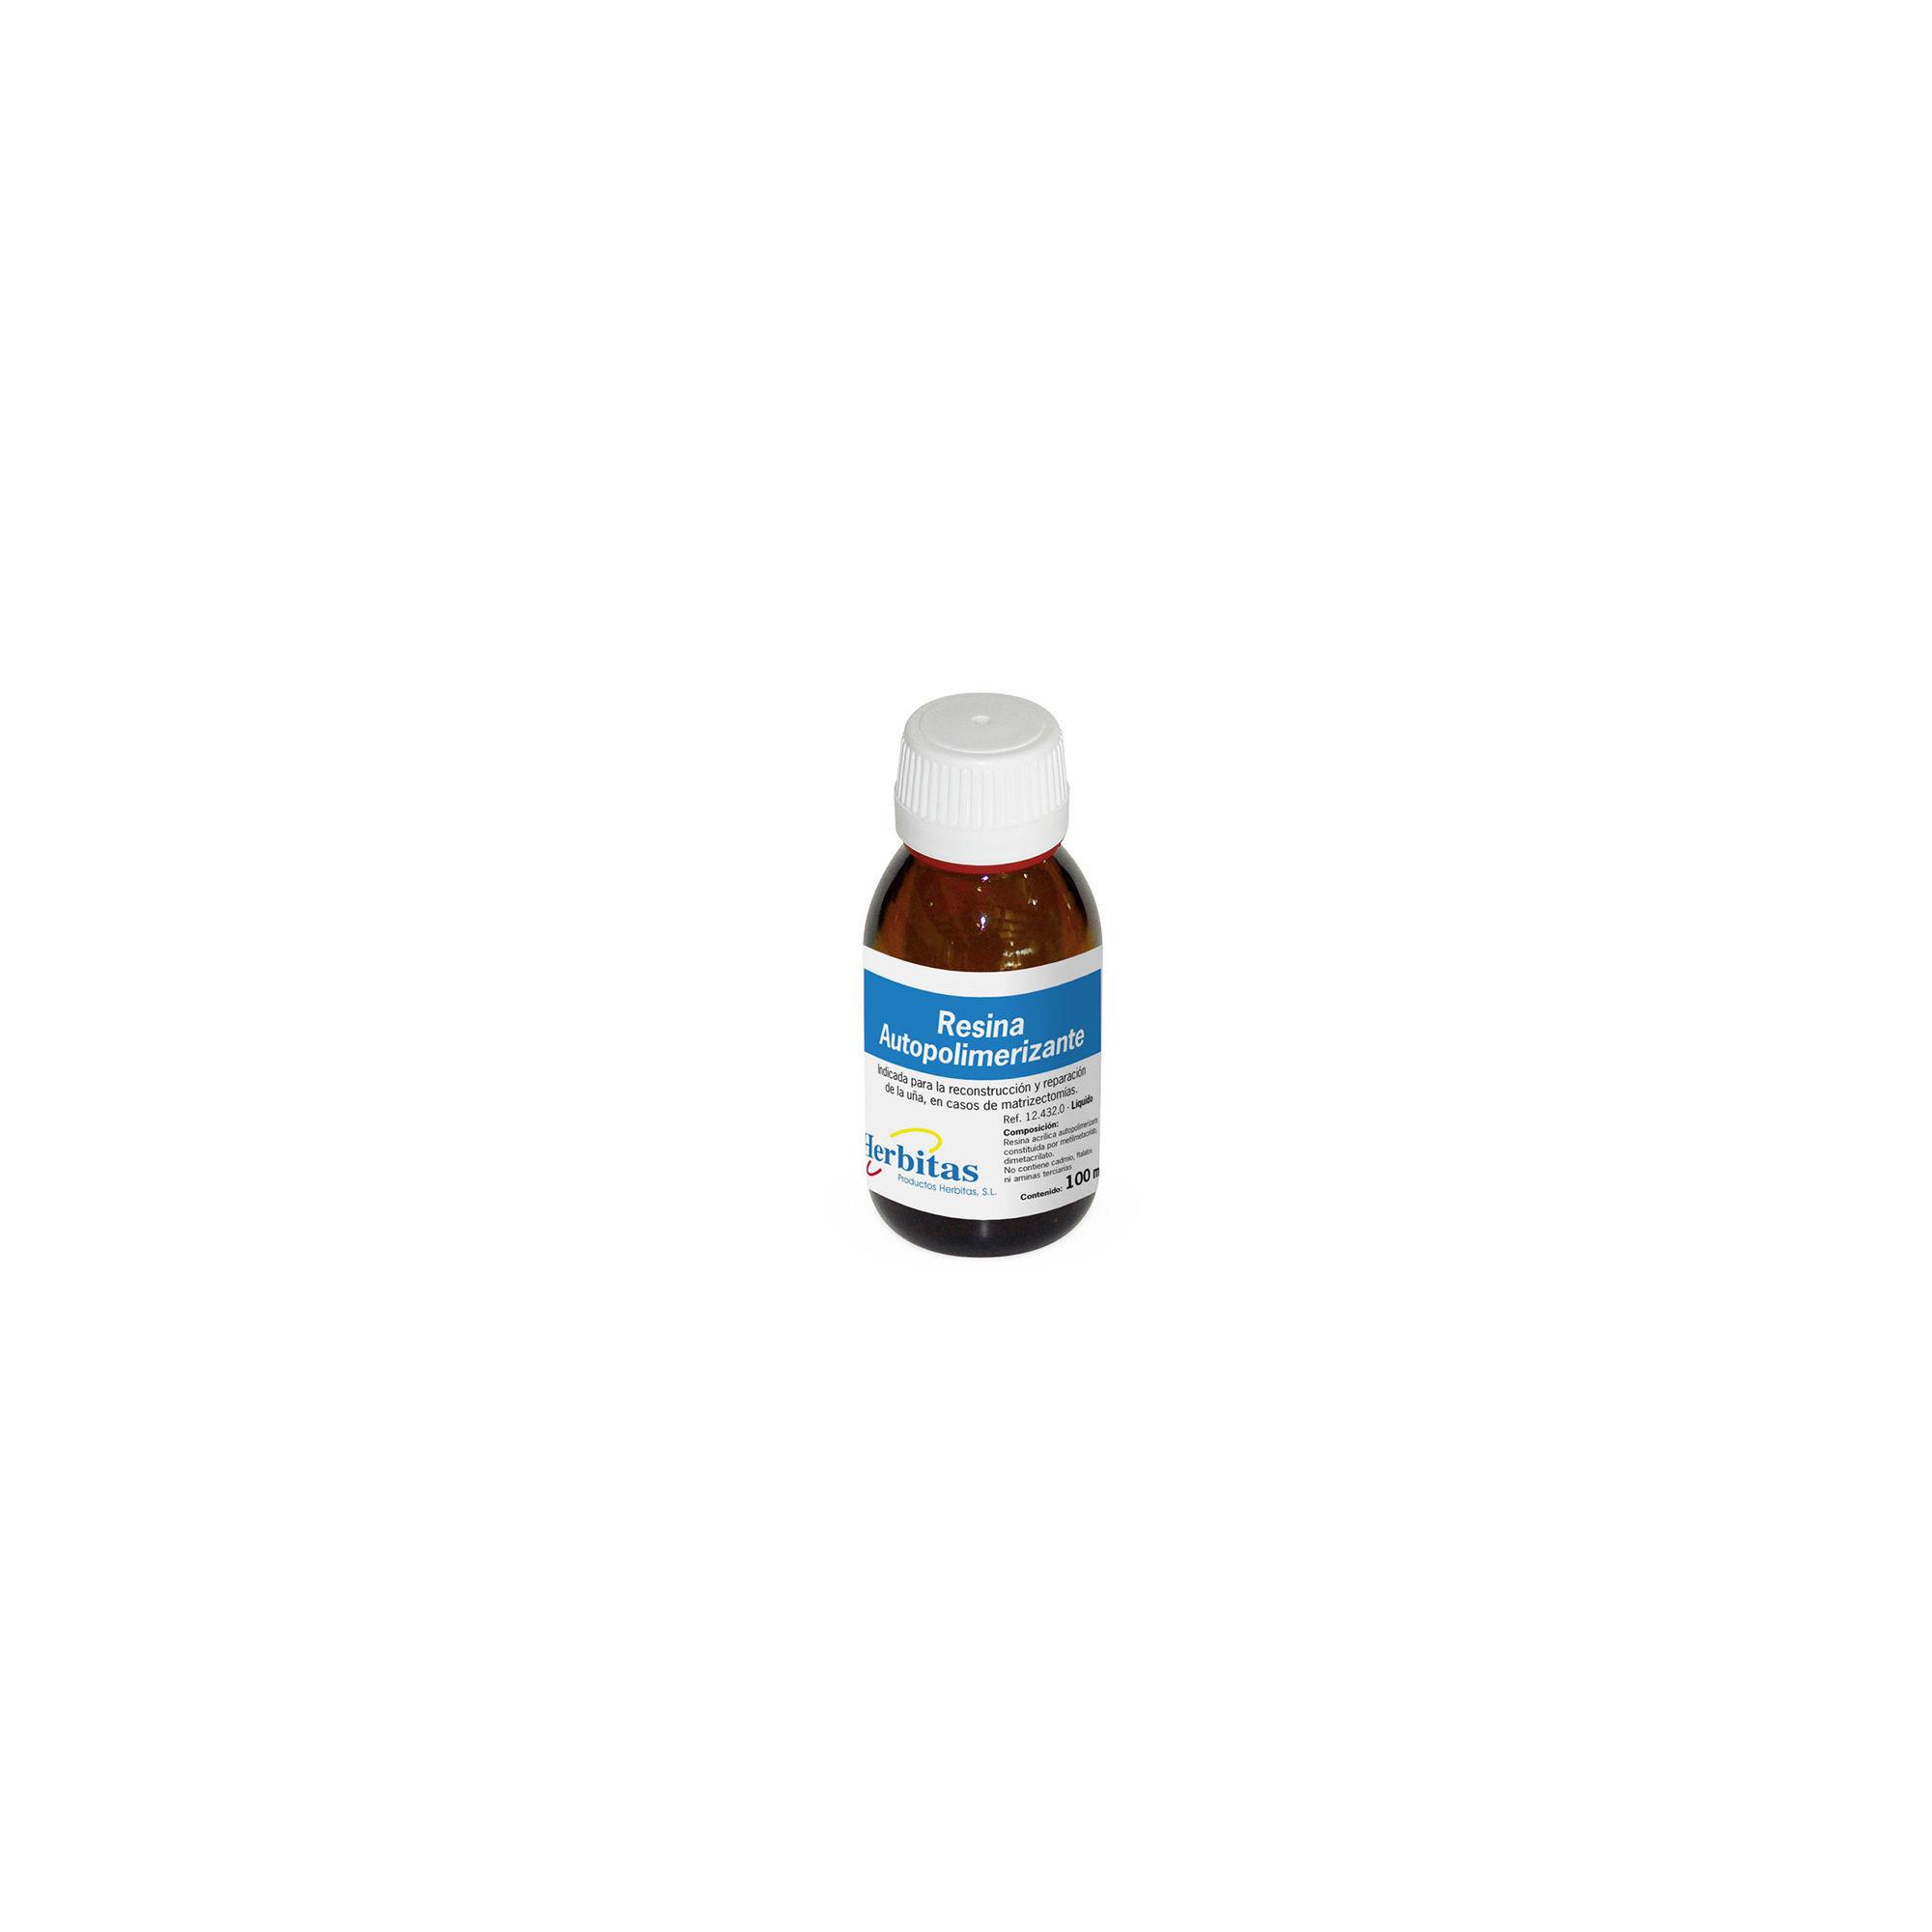 Résine autopolimérisante liquide - 100ml